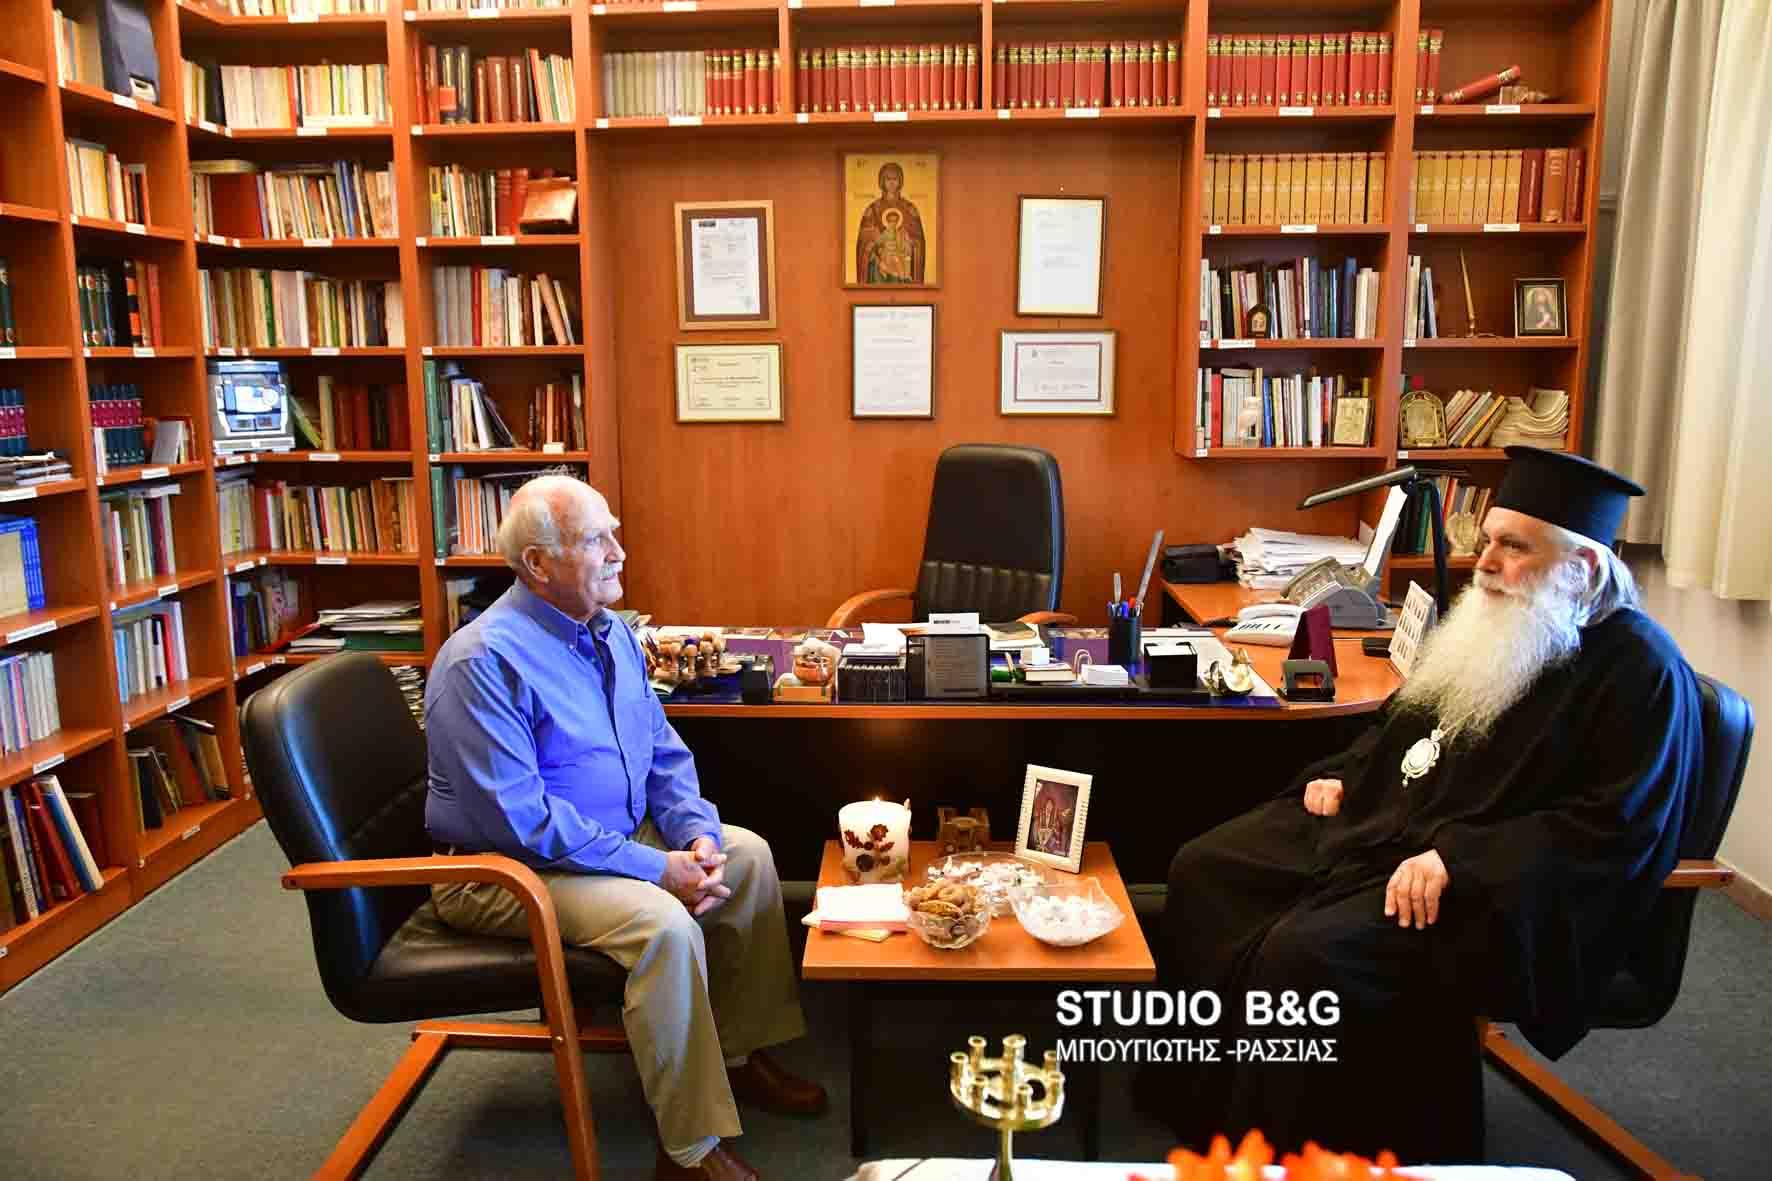 Αγιασμός στο Ραδιοφωνικό Σταθμό της Ι. Μ. Αργολίδος (ΦΩΤΟ) - Ο Άρχων